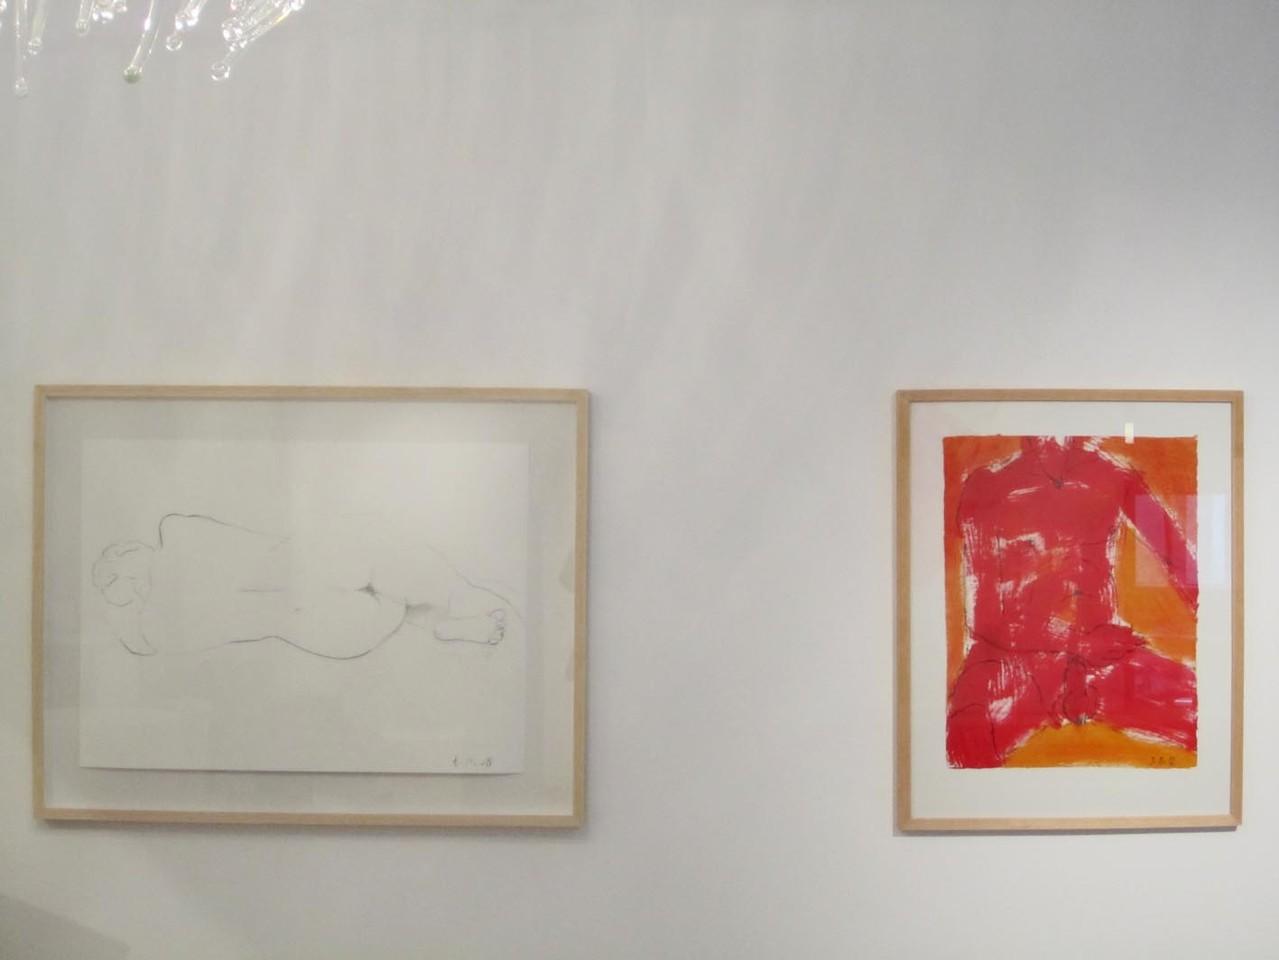 Rückennaht, Kreide 2008 und Männlicher Akt, Kreide/Acryl 2012